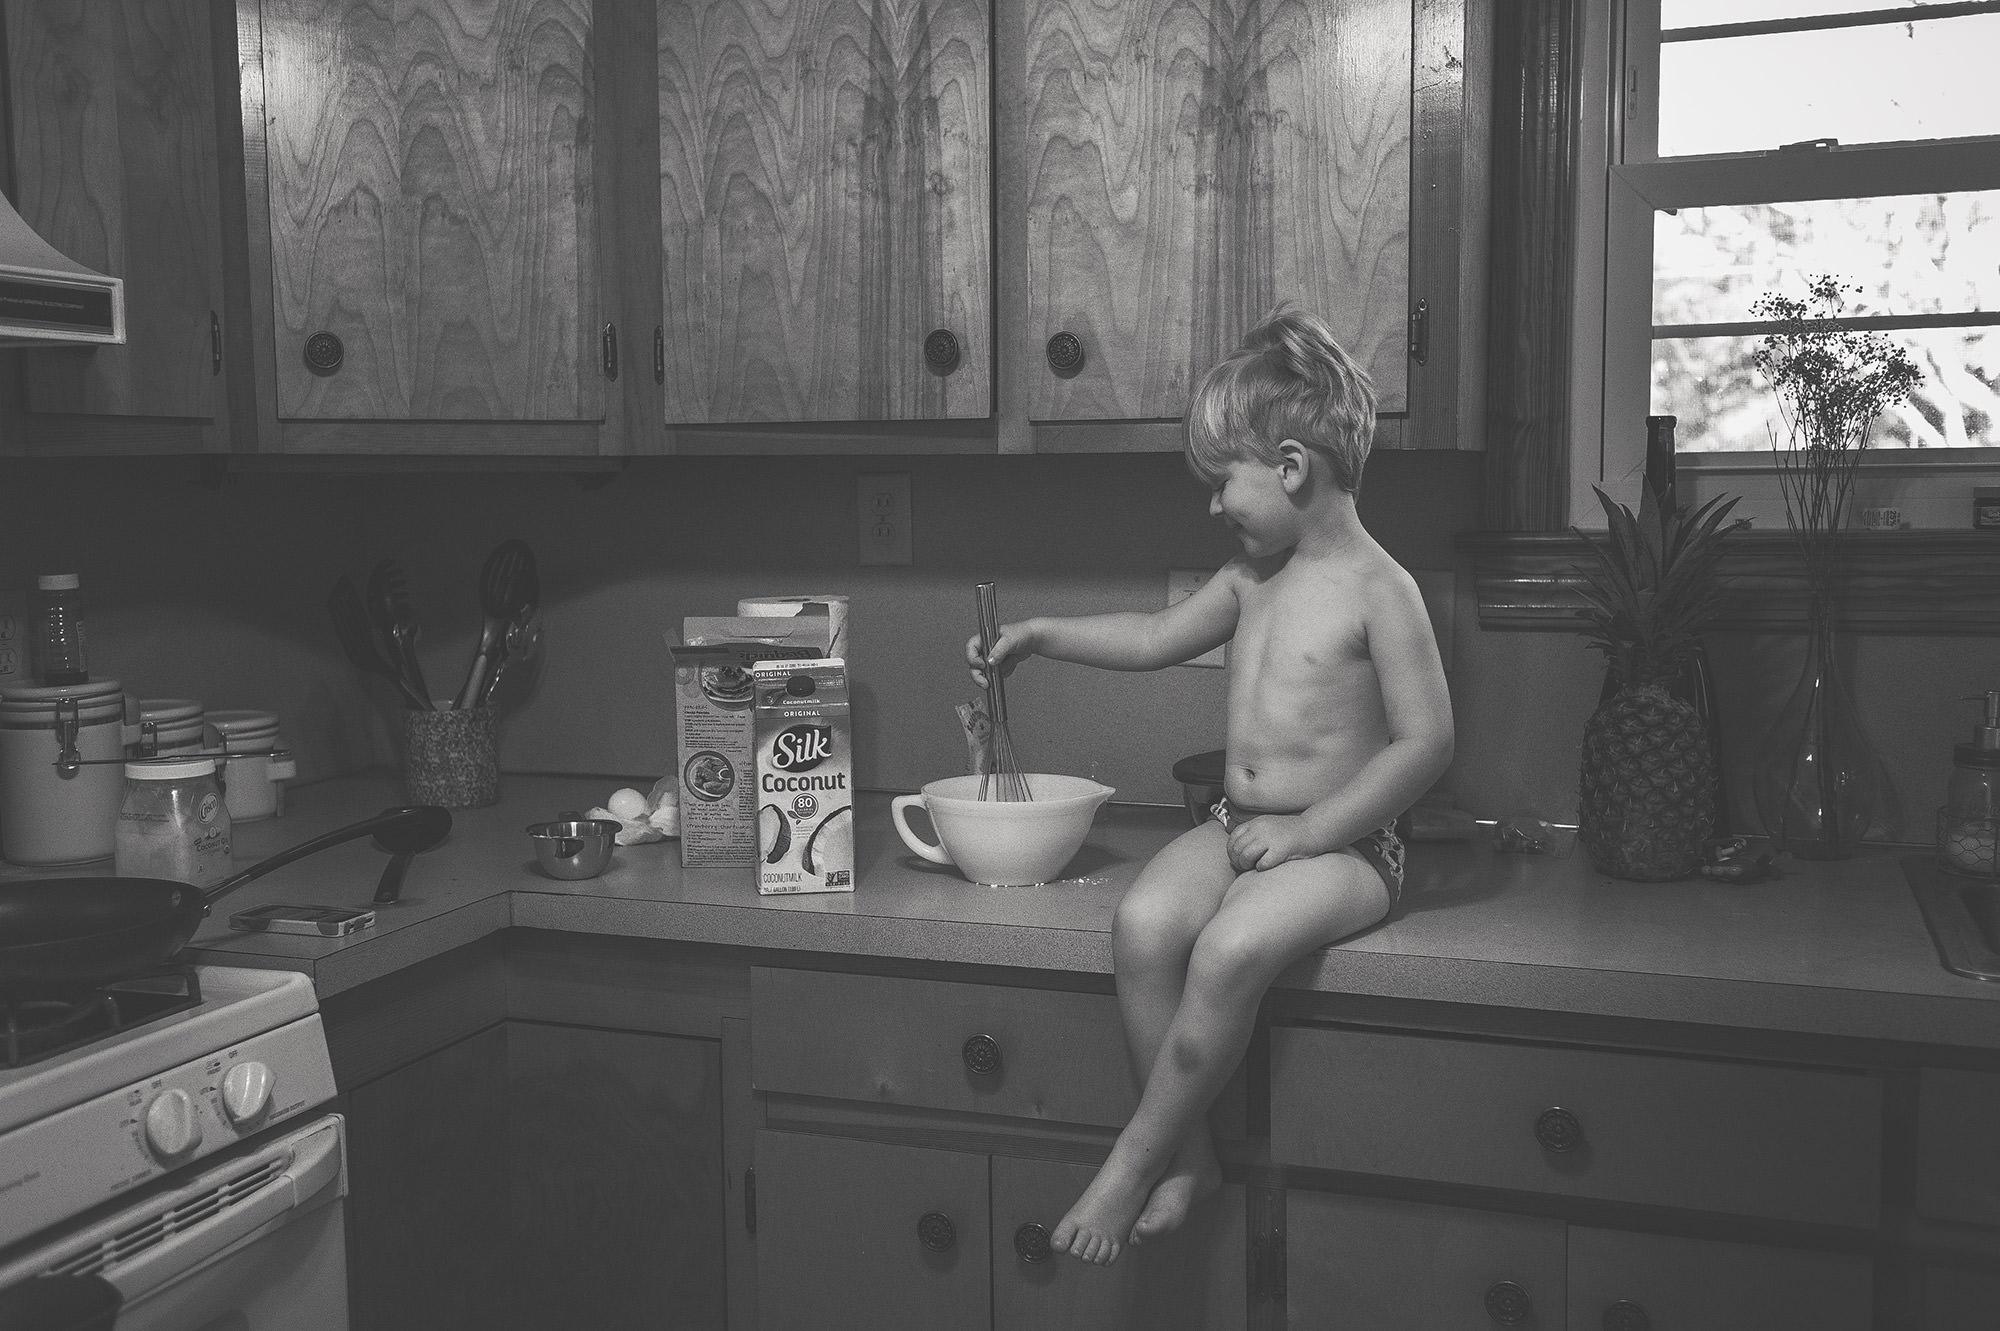 boy baking